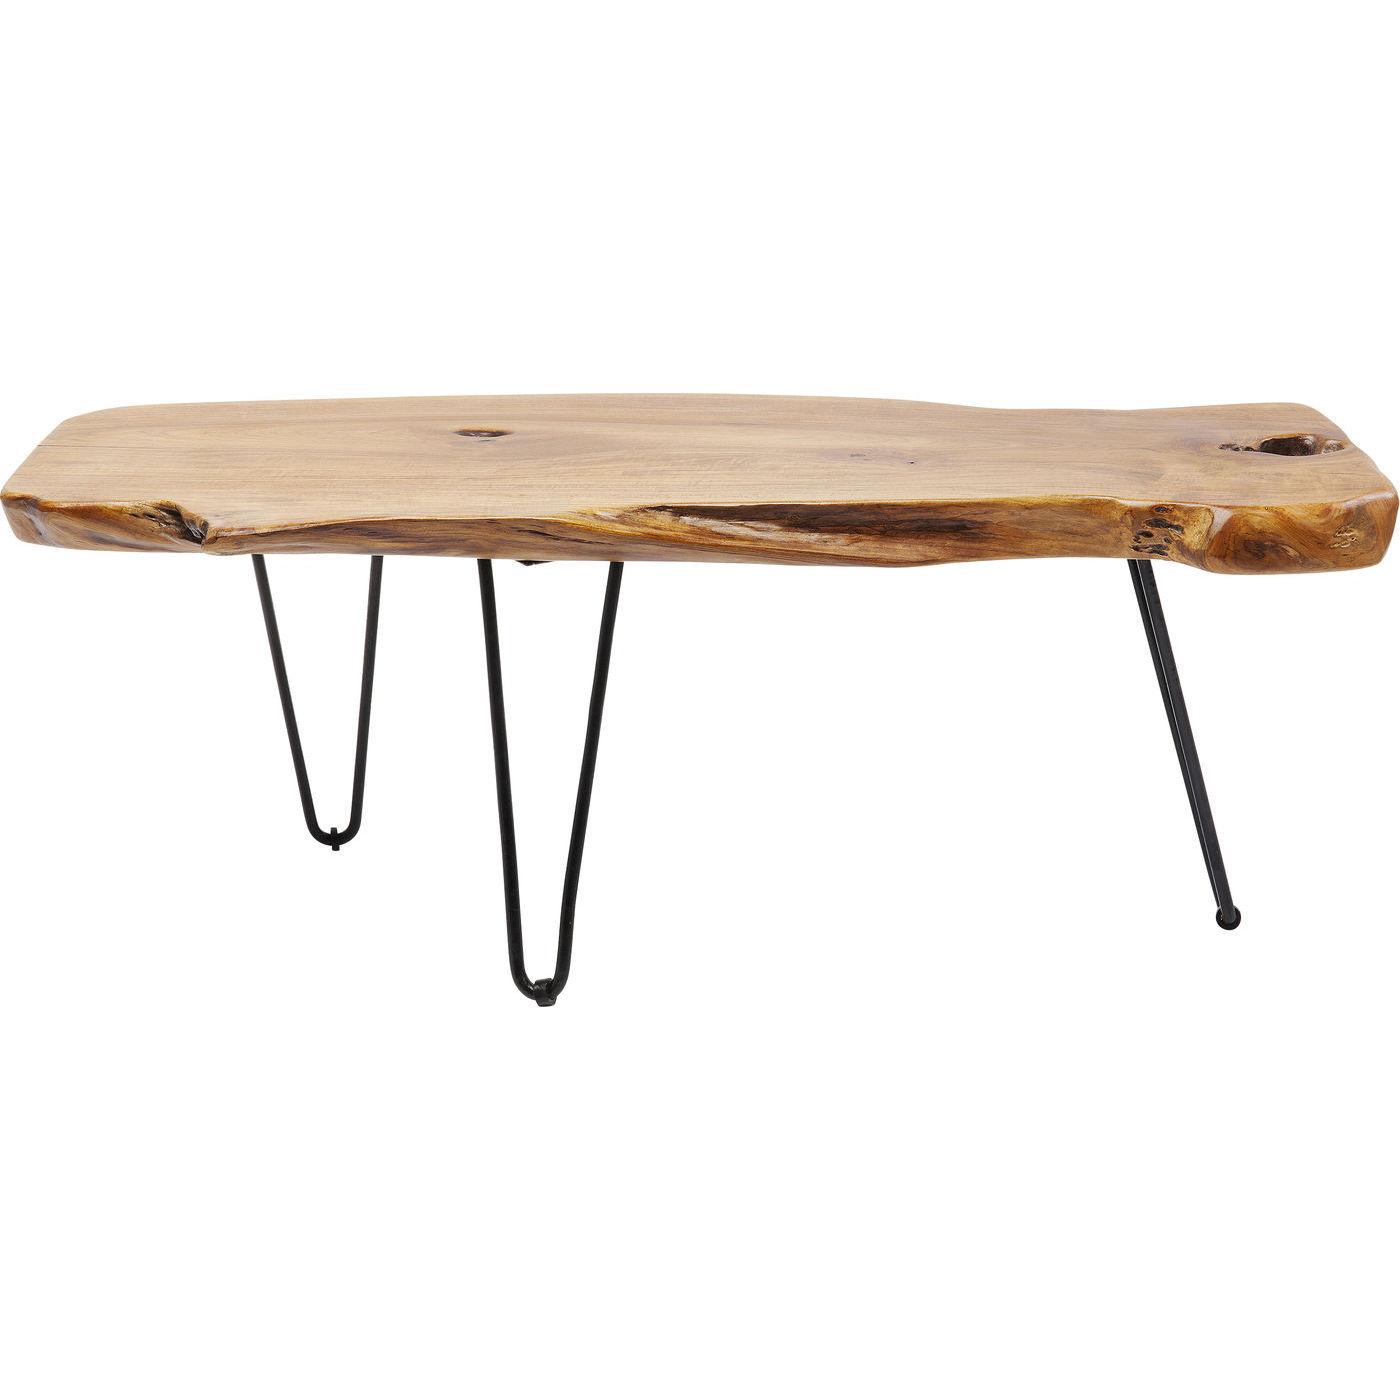 Kare design aspen sofabord - natur teaktræ/stål (106x41) fra kare design på boboonline.dk